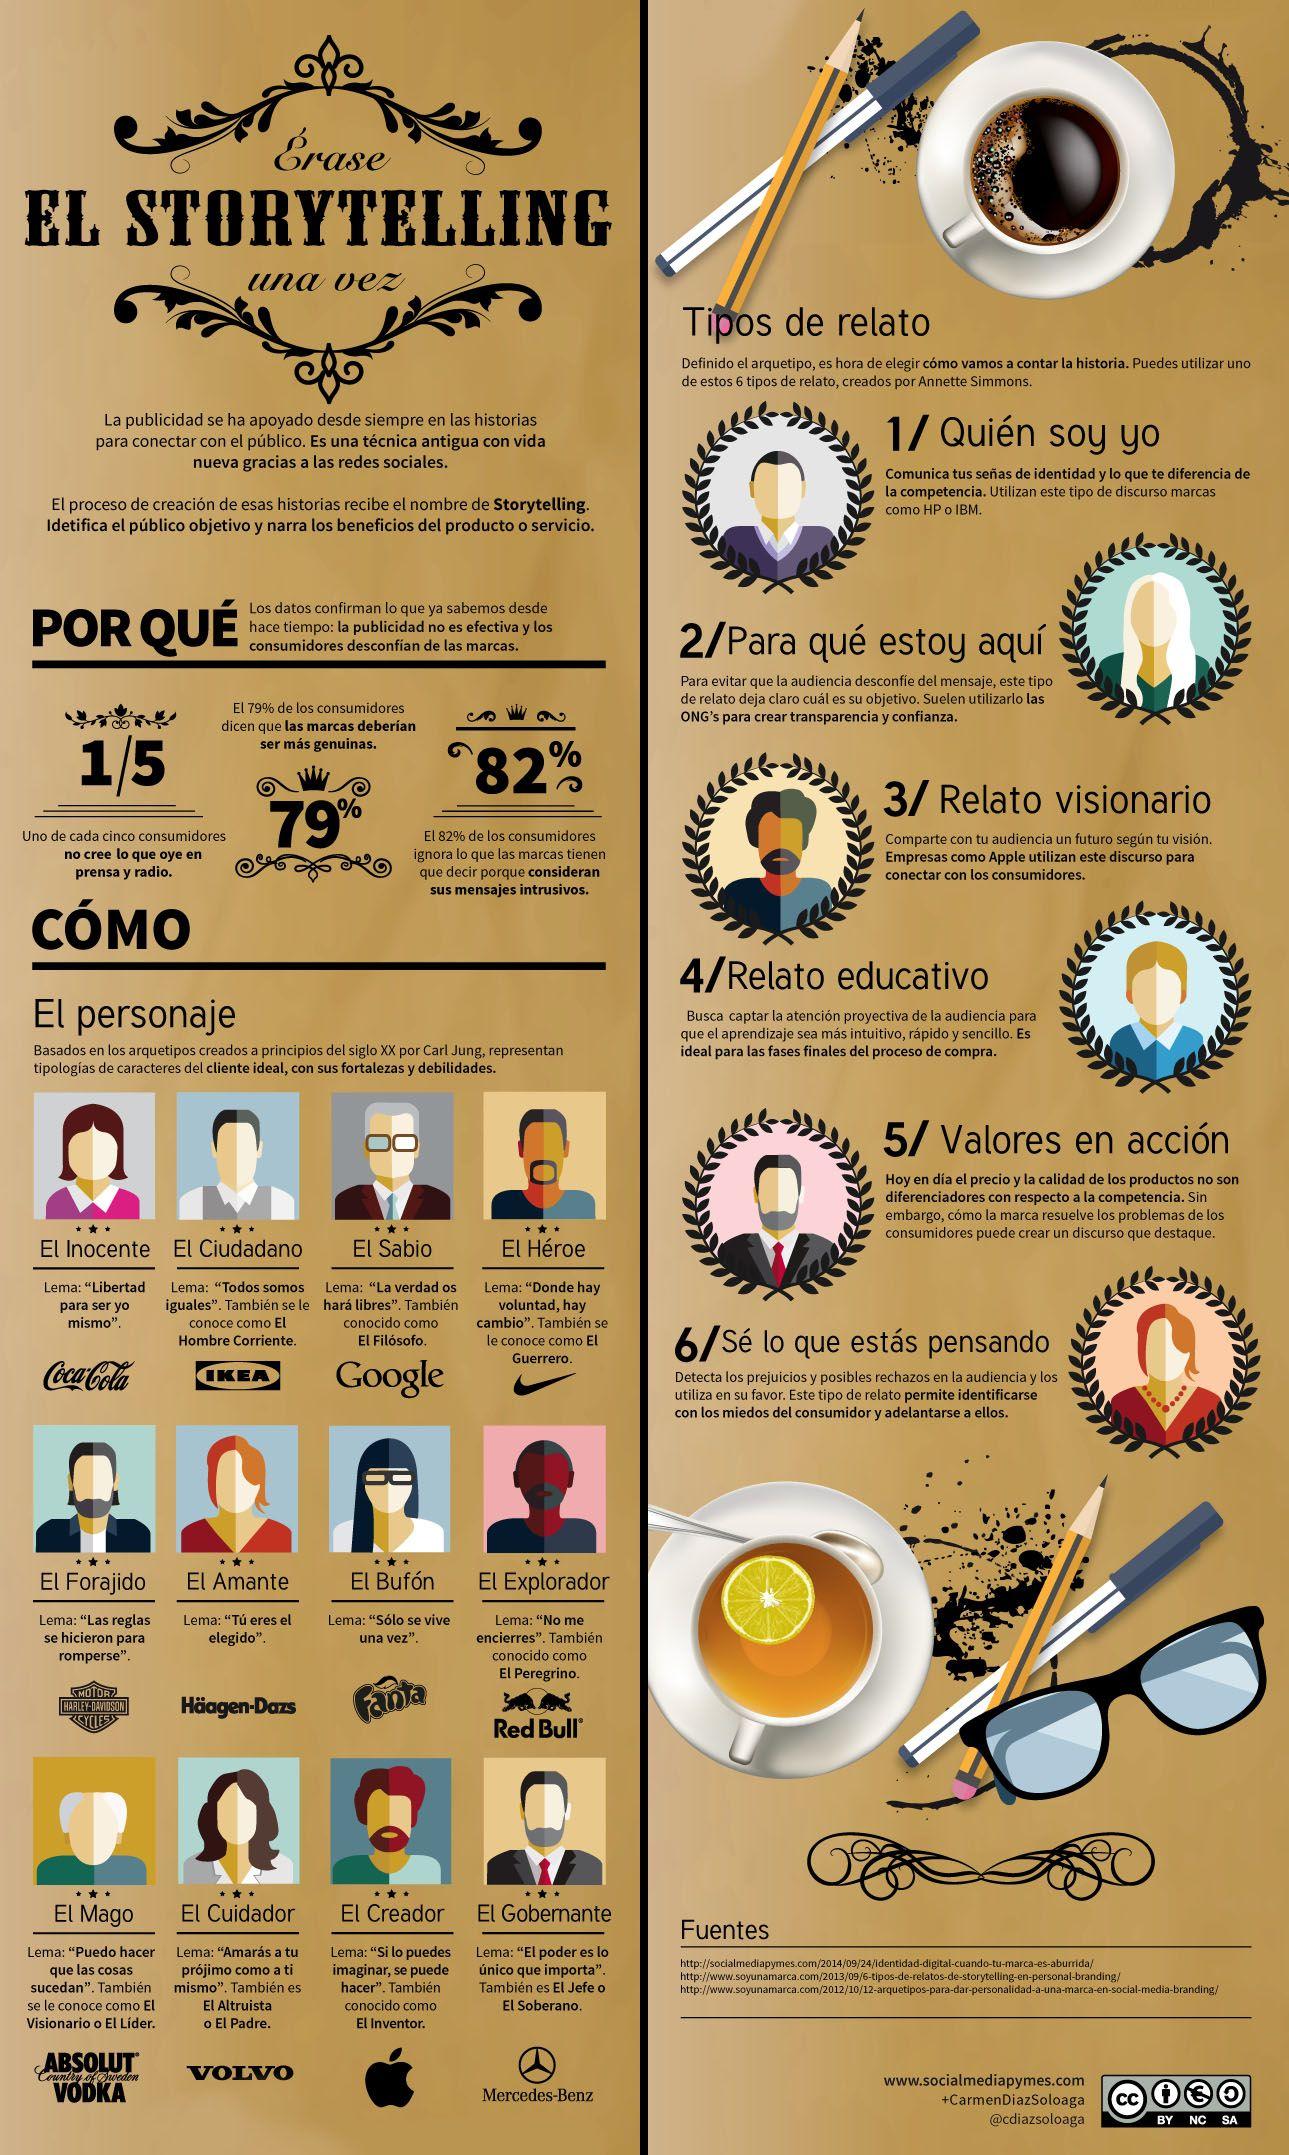 Averigua qué es el storytelling con esta infografía.